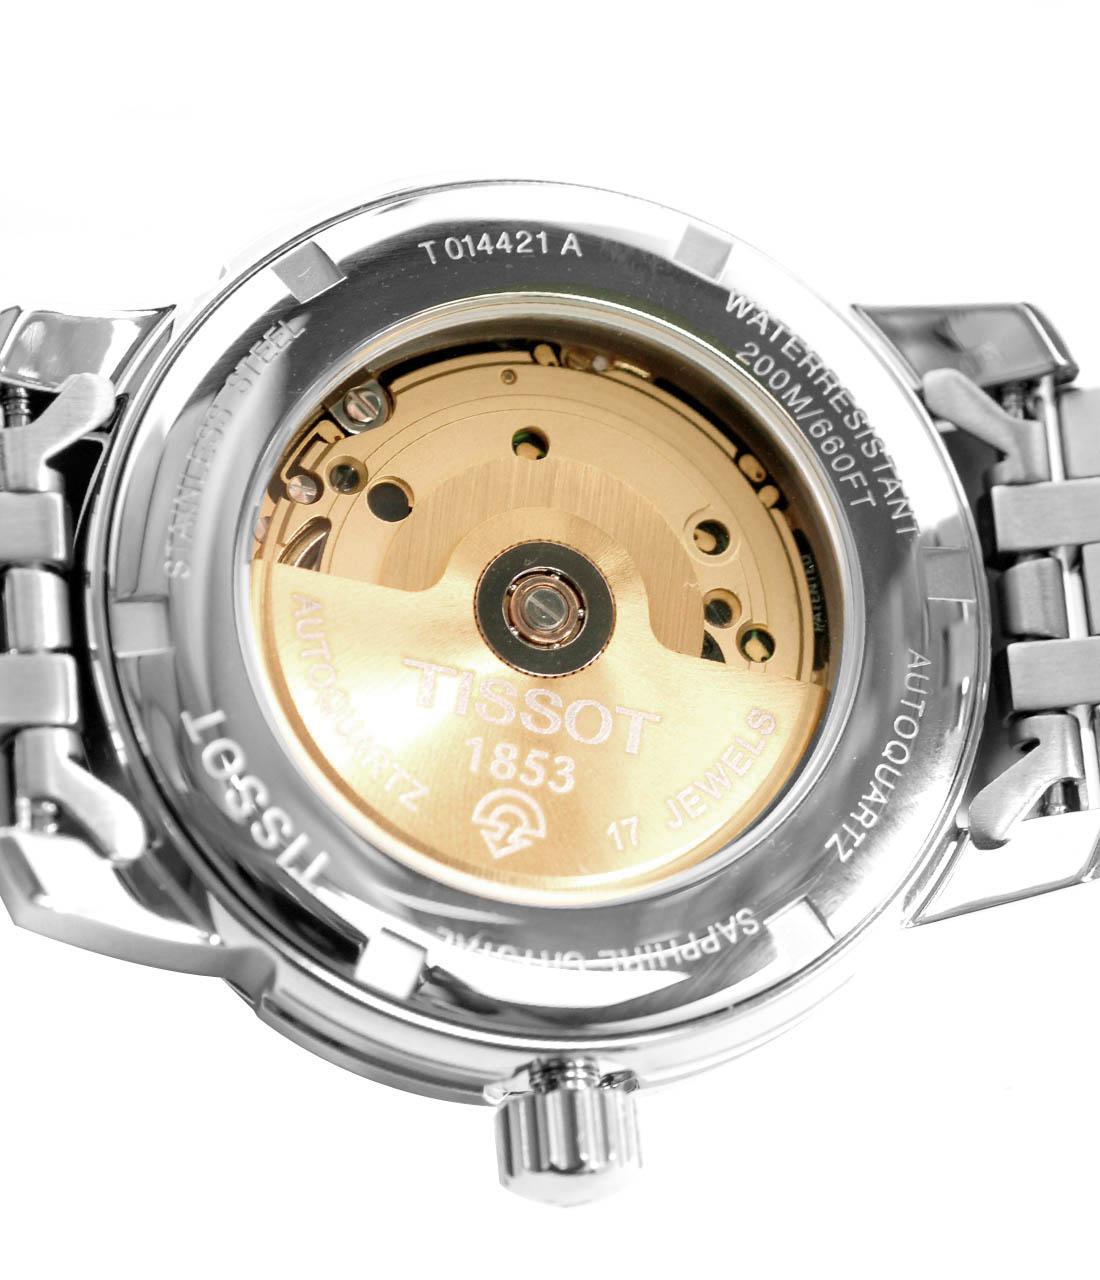 Đồng hồ Tissot 1853 T014.421.11.037.00 mặt lưng hở